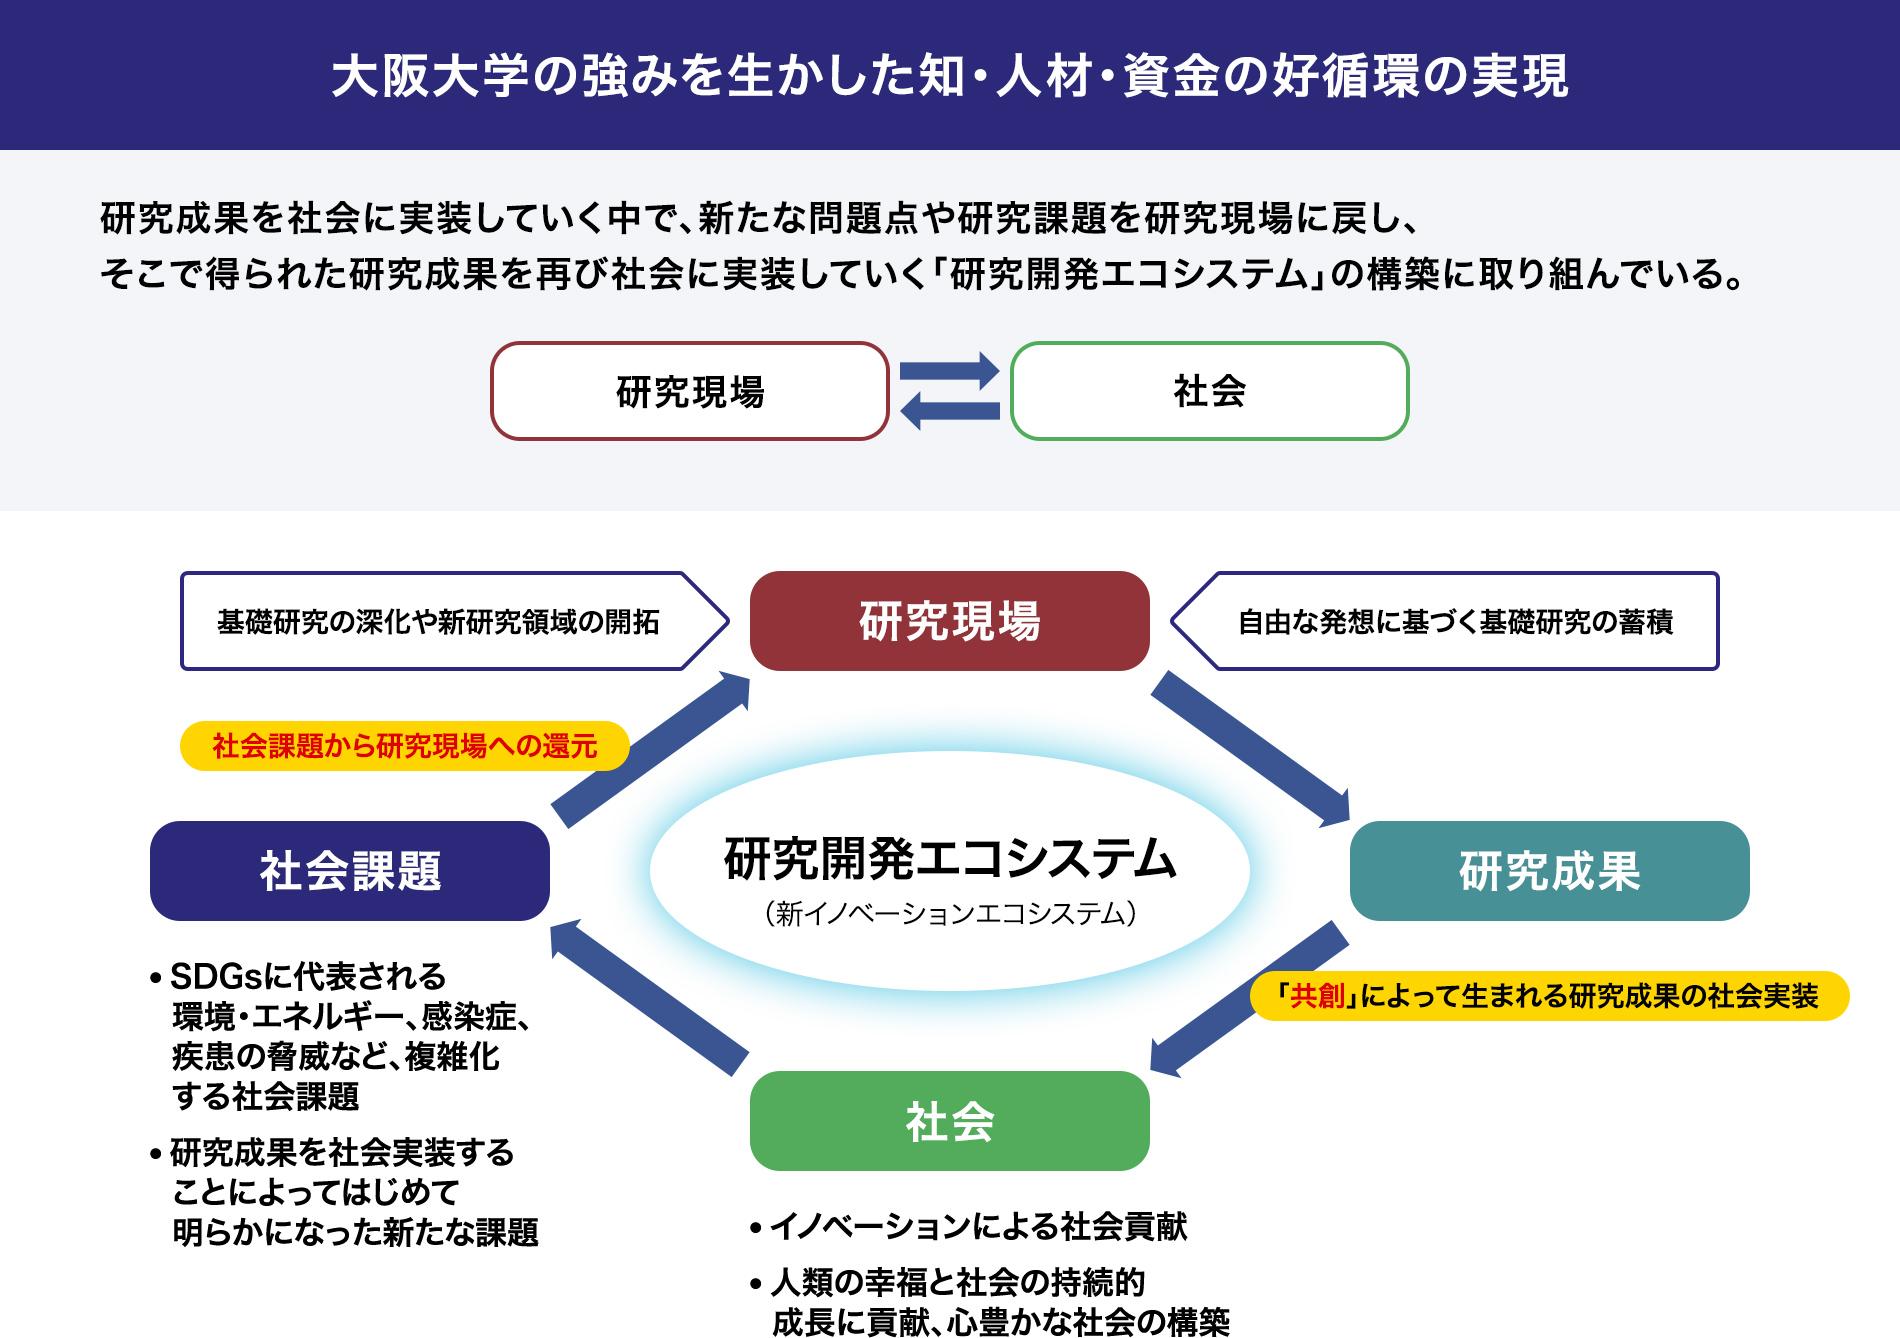 活動方針 | 大阪大学共創機構